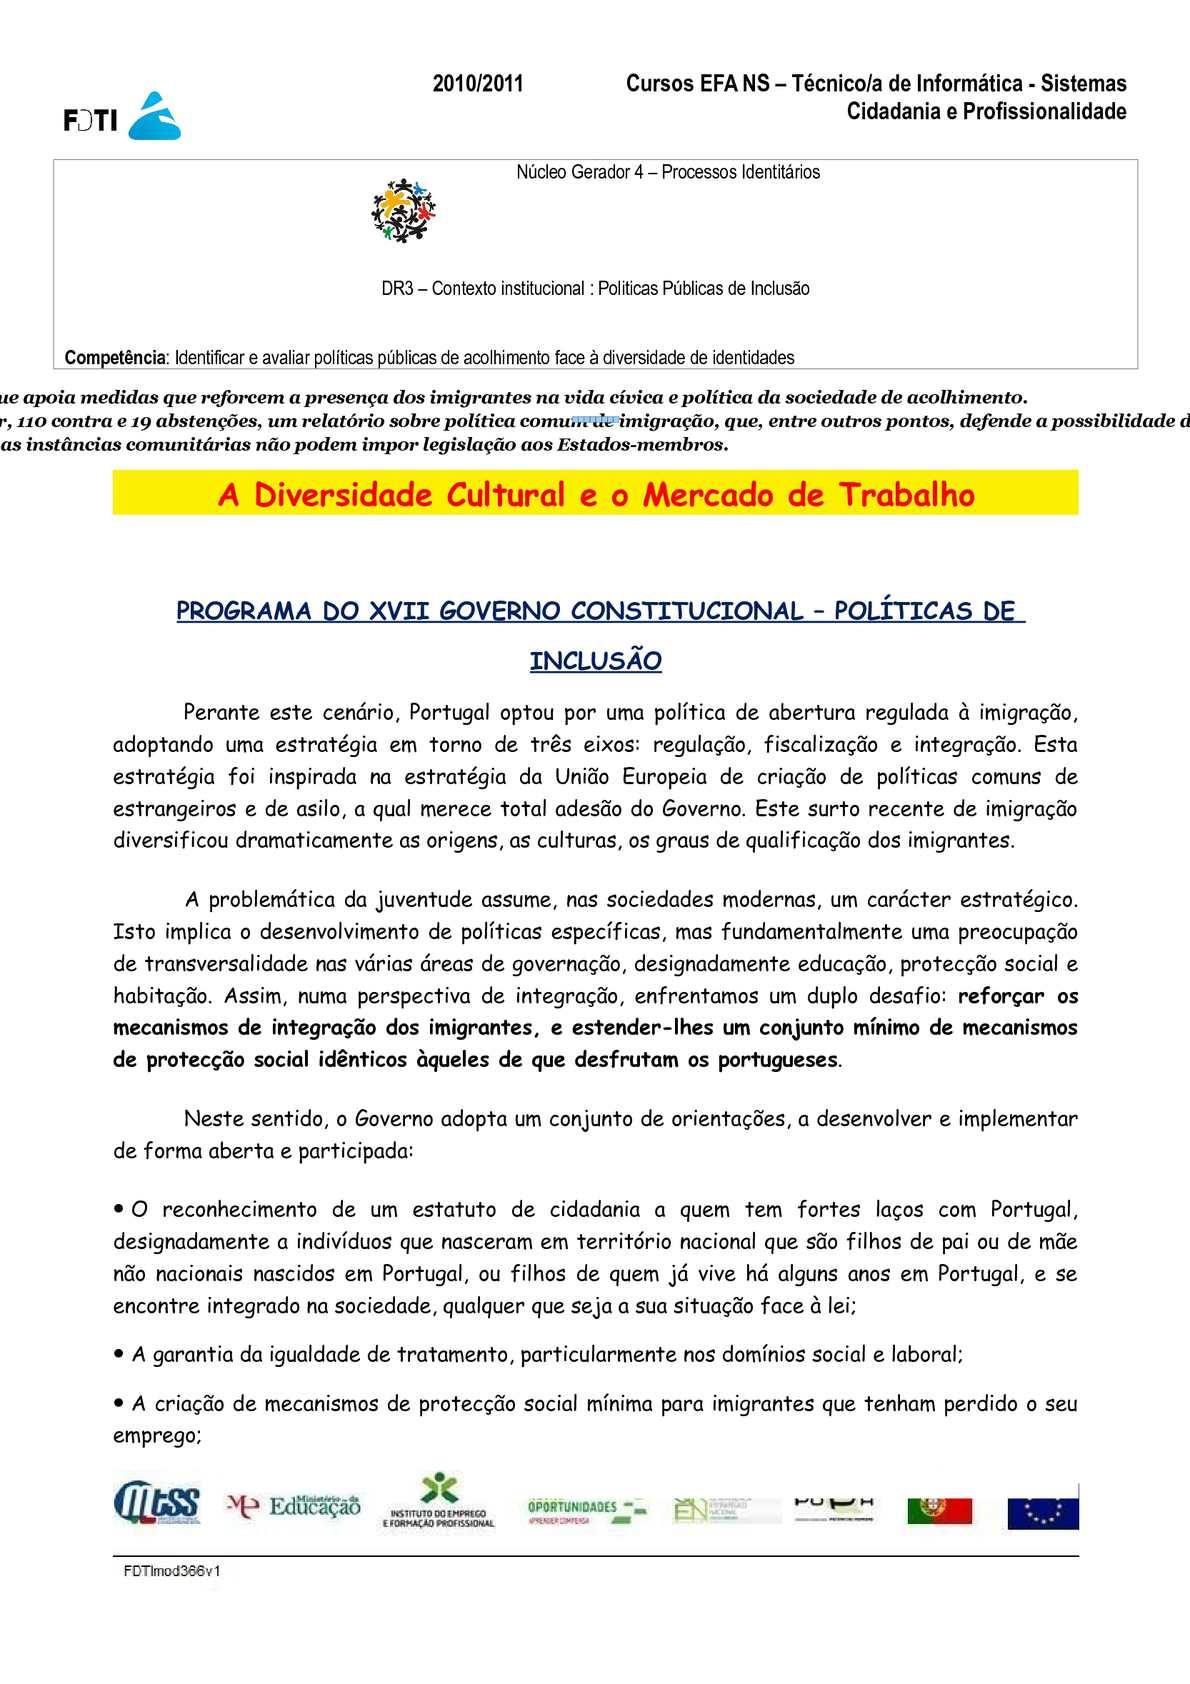 CP4-DR3_Ficha2_políticas públicas